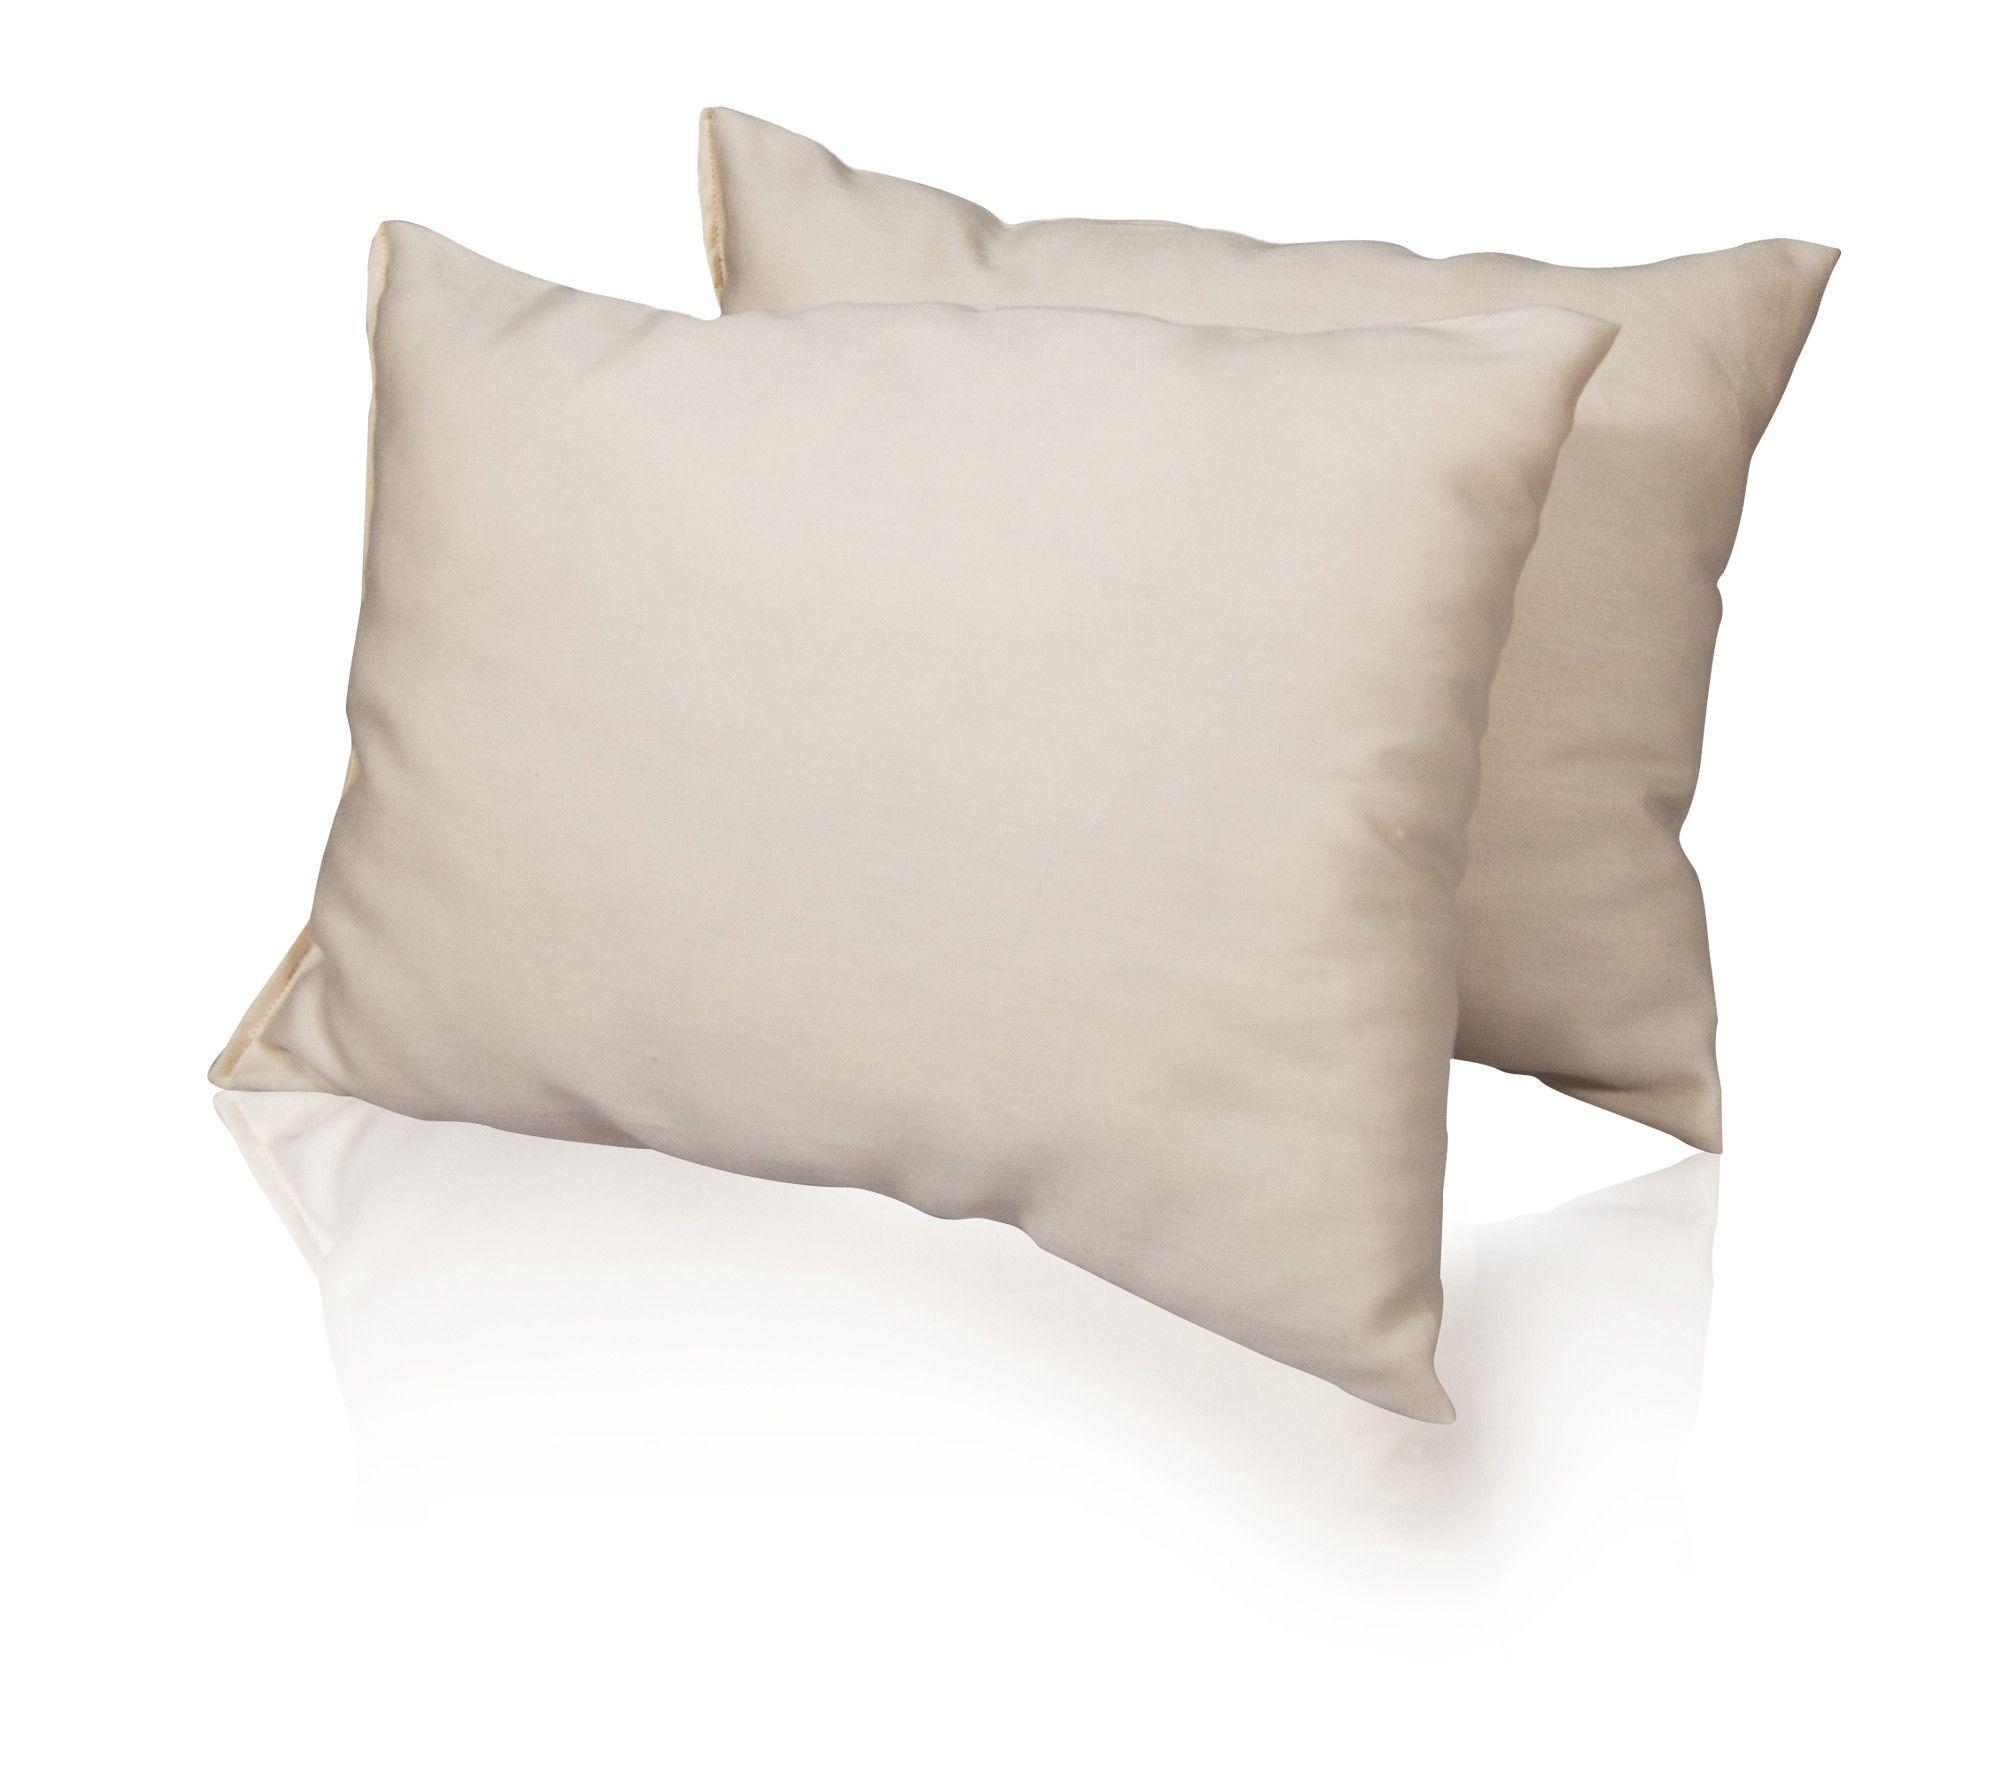 Kapok pillow, Kapok, Natural pillows